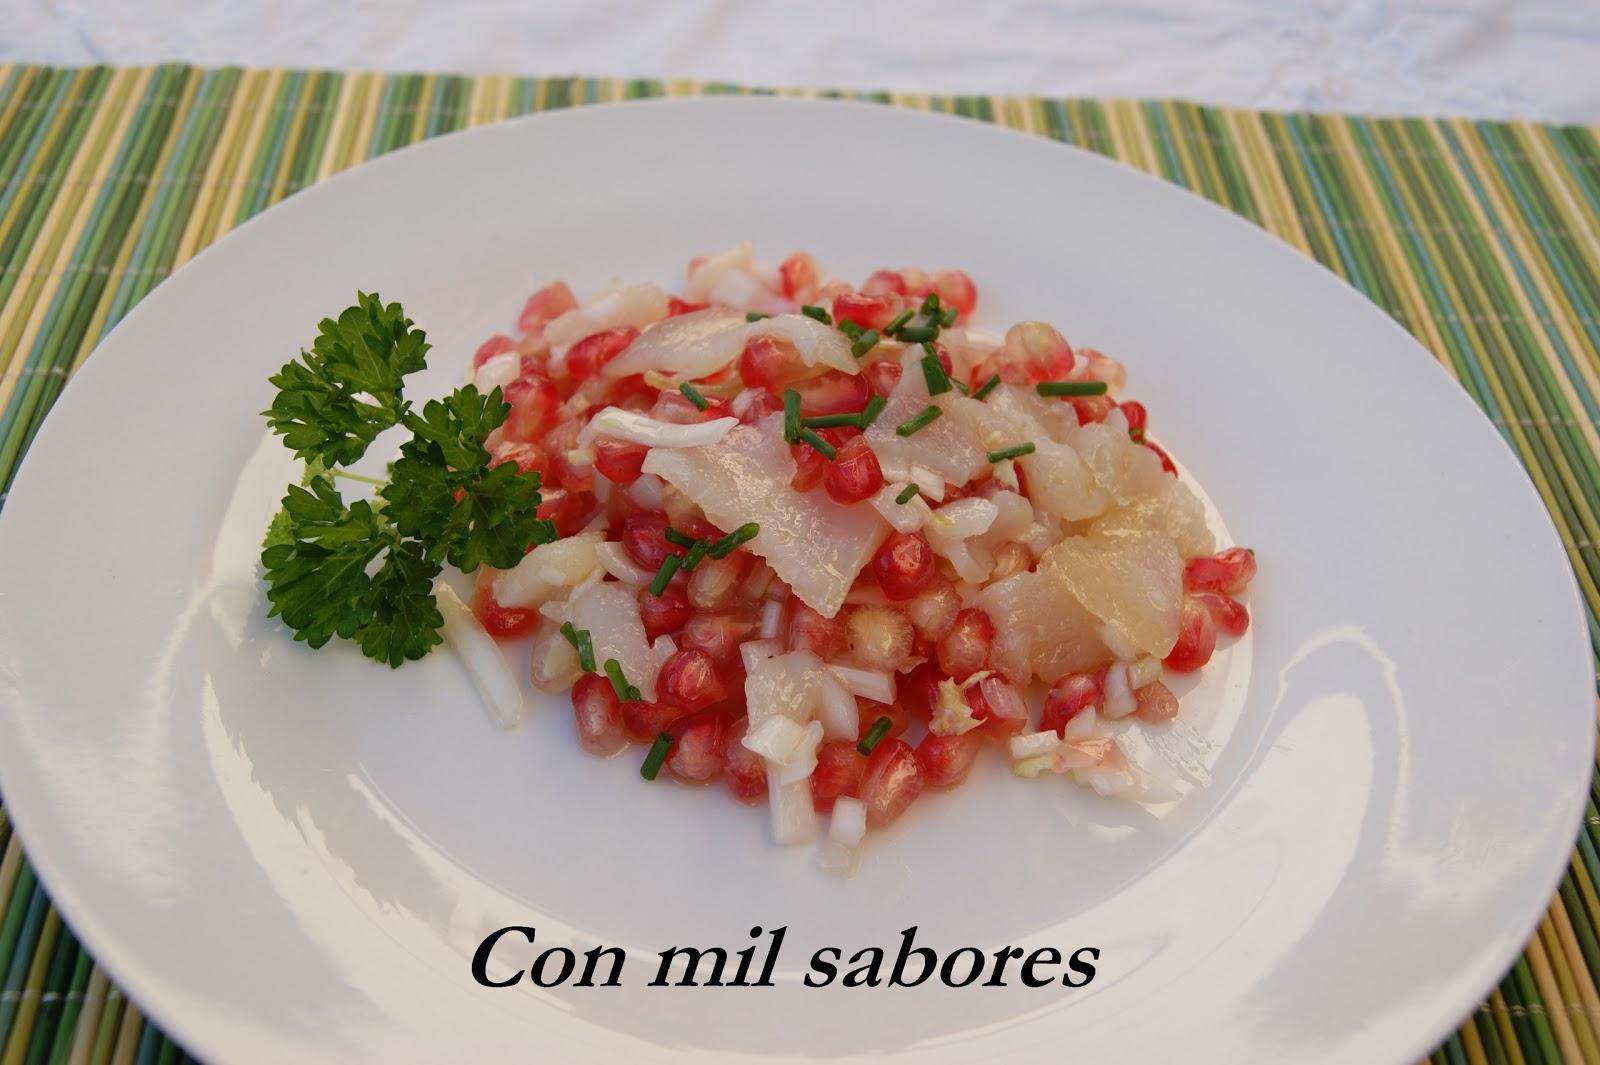 Curso Cocina Granada | Con Mil Sabores Ensalada De Bacalao Y Granadas